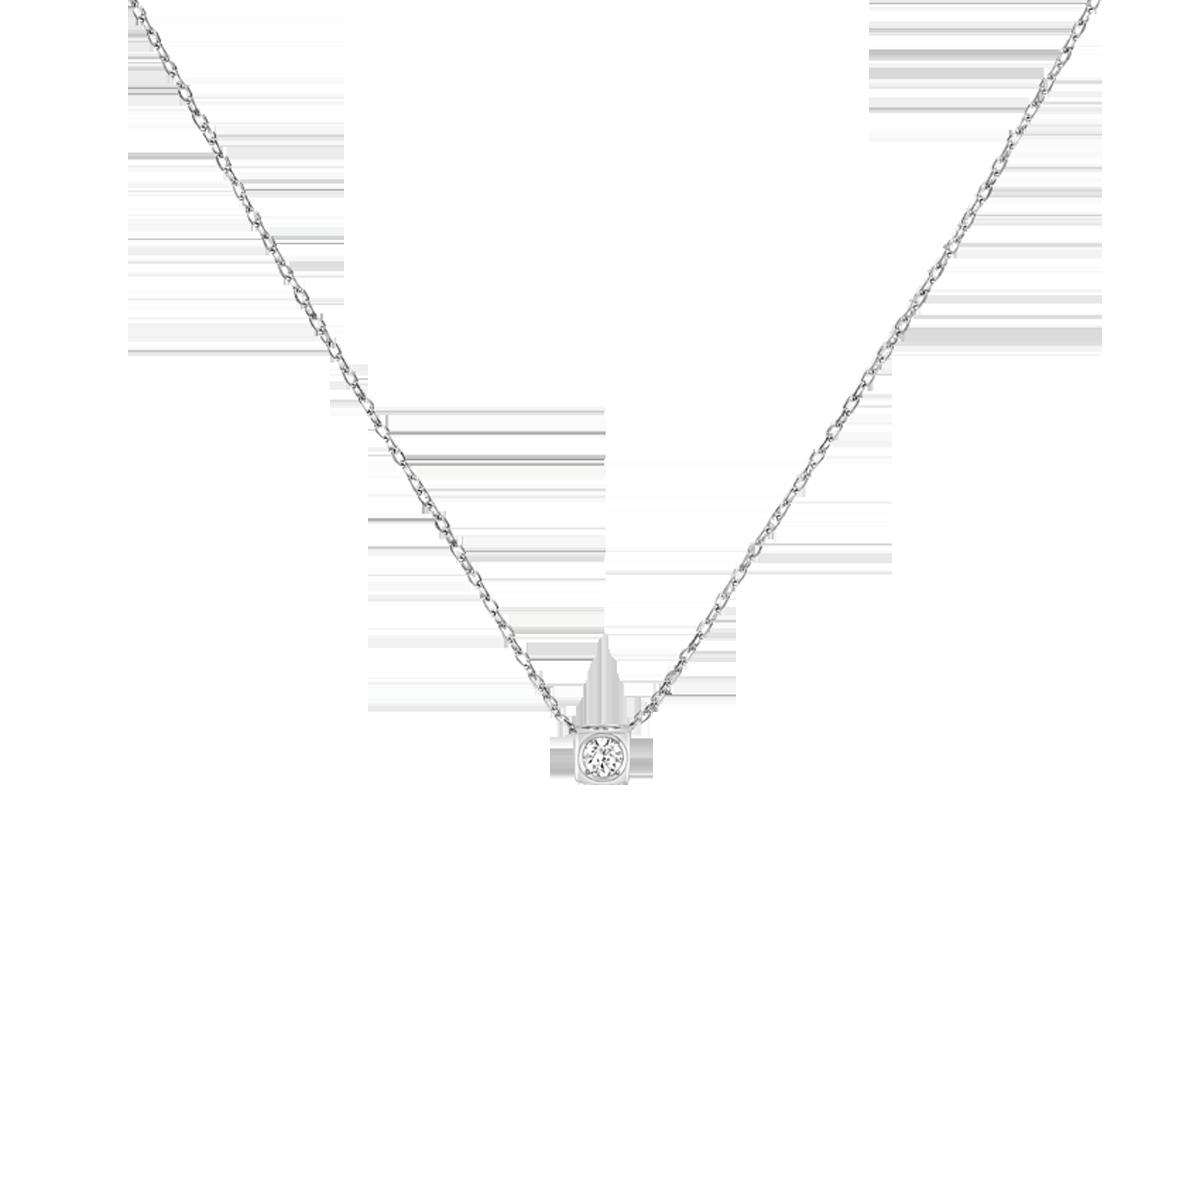 Collier Le Cube Diamant petit modèle or blanc et diamant